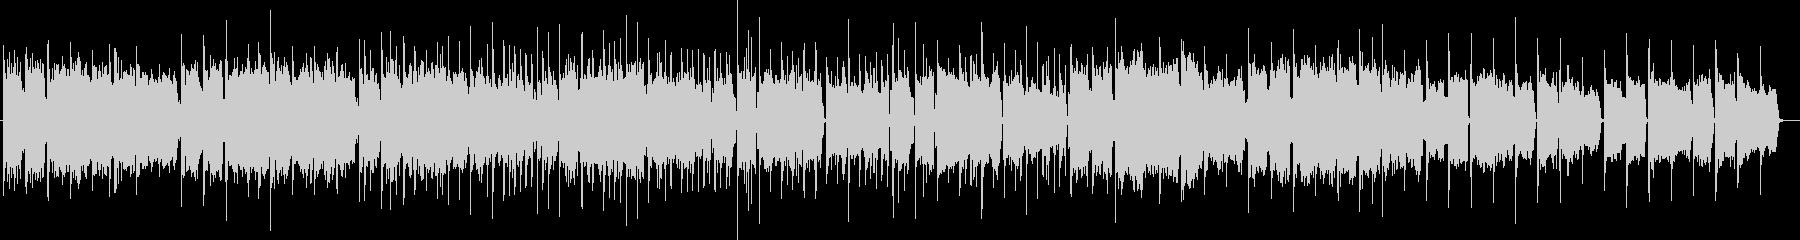 幻想的な音色のエレクトロニカの未再生の波形